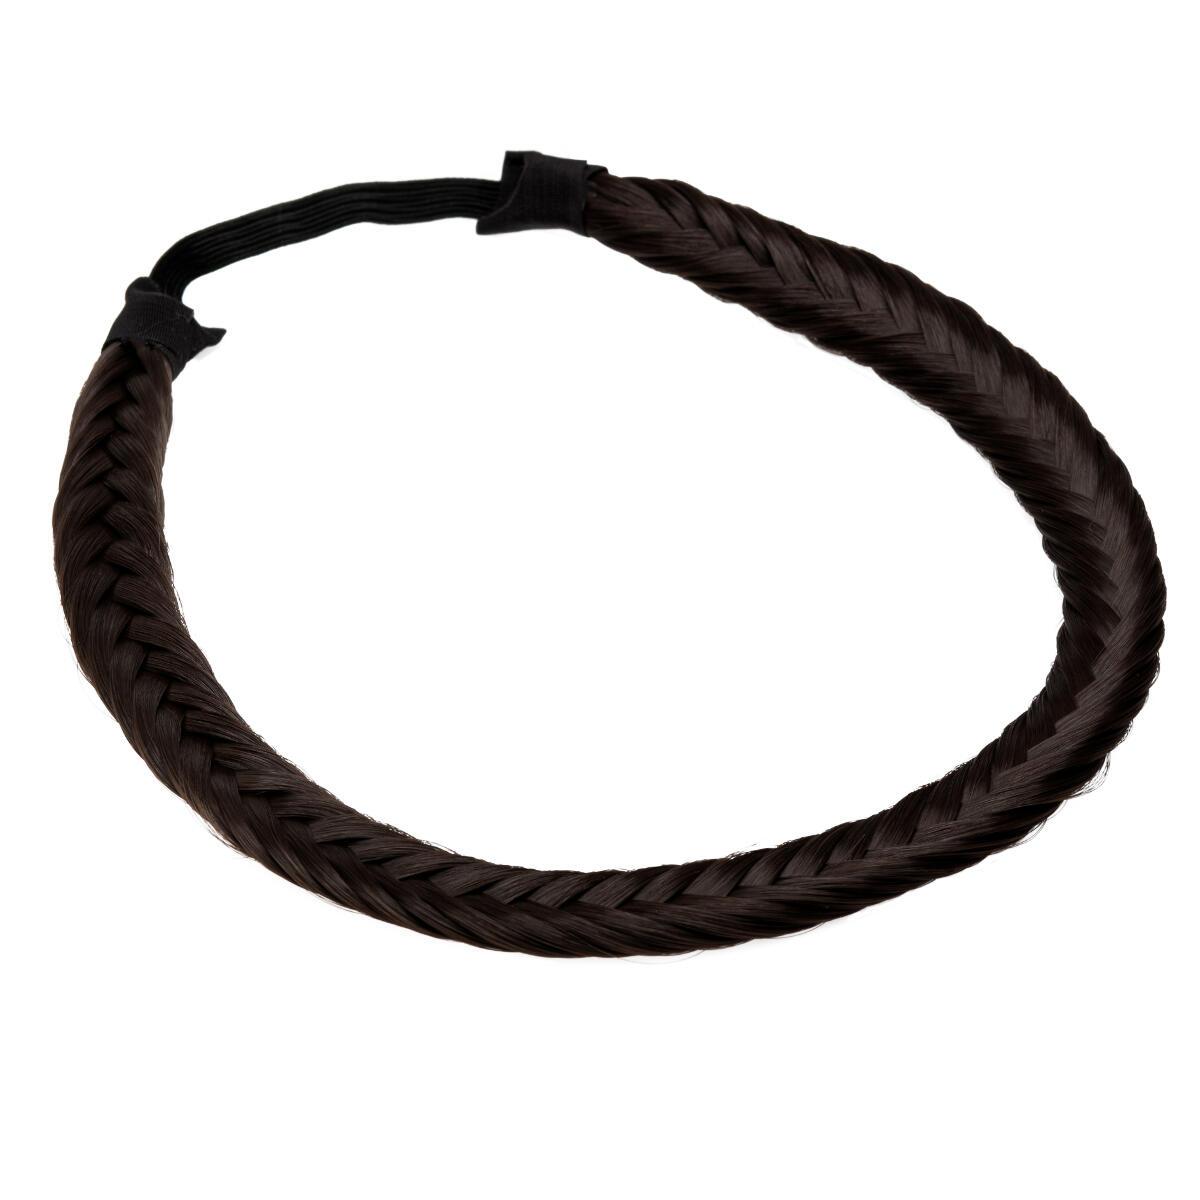 Synthetic Braided Headband